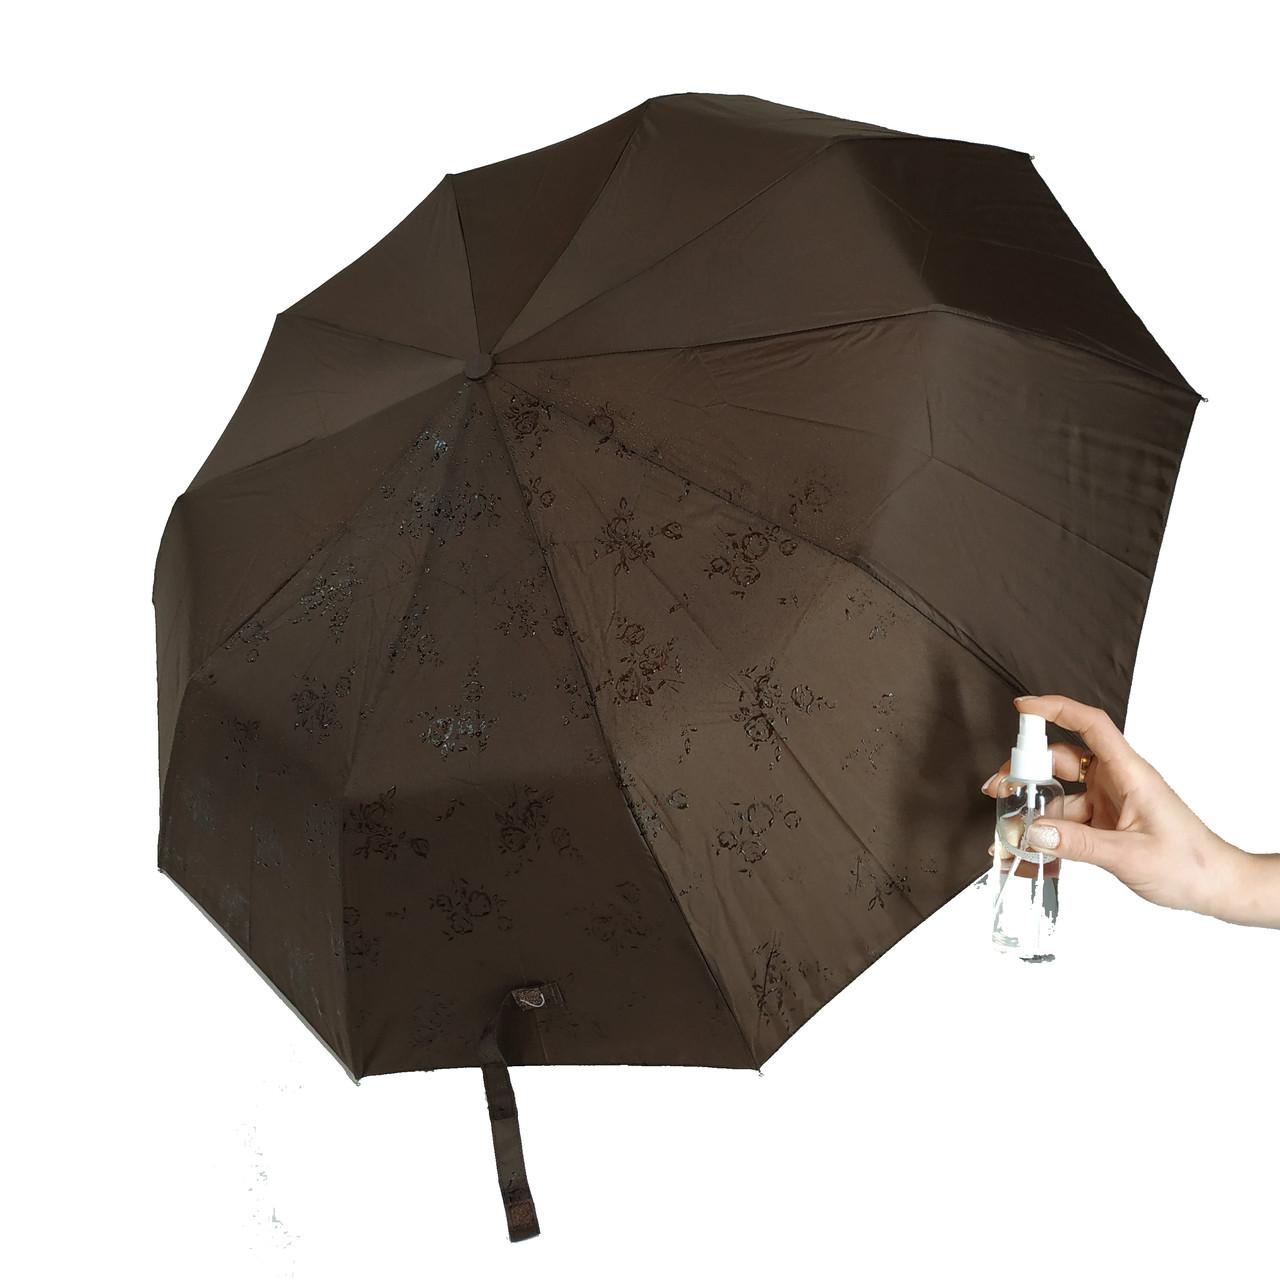 """Женский зонт-полуавтомат на 10 спиц Bellisimo """"Flower land"""", проявка, коричневый цвет, 461-8"""